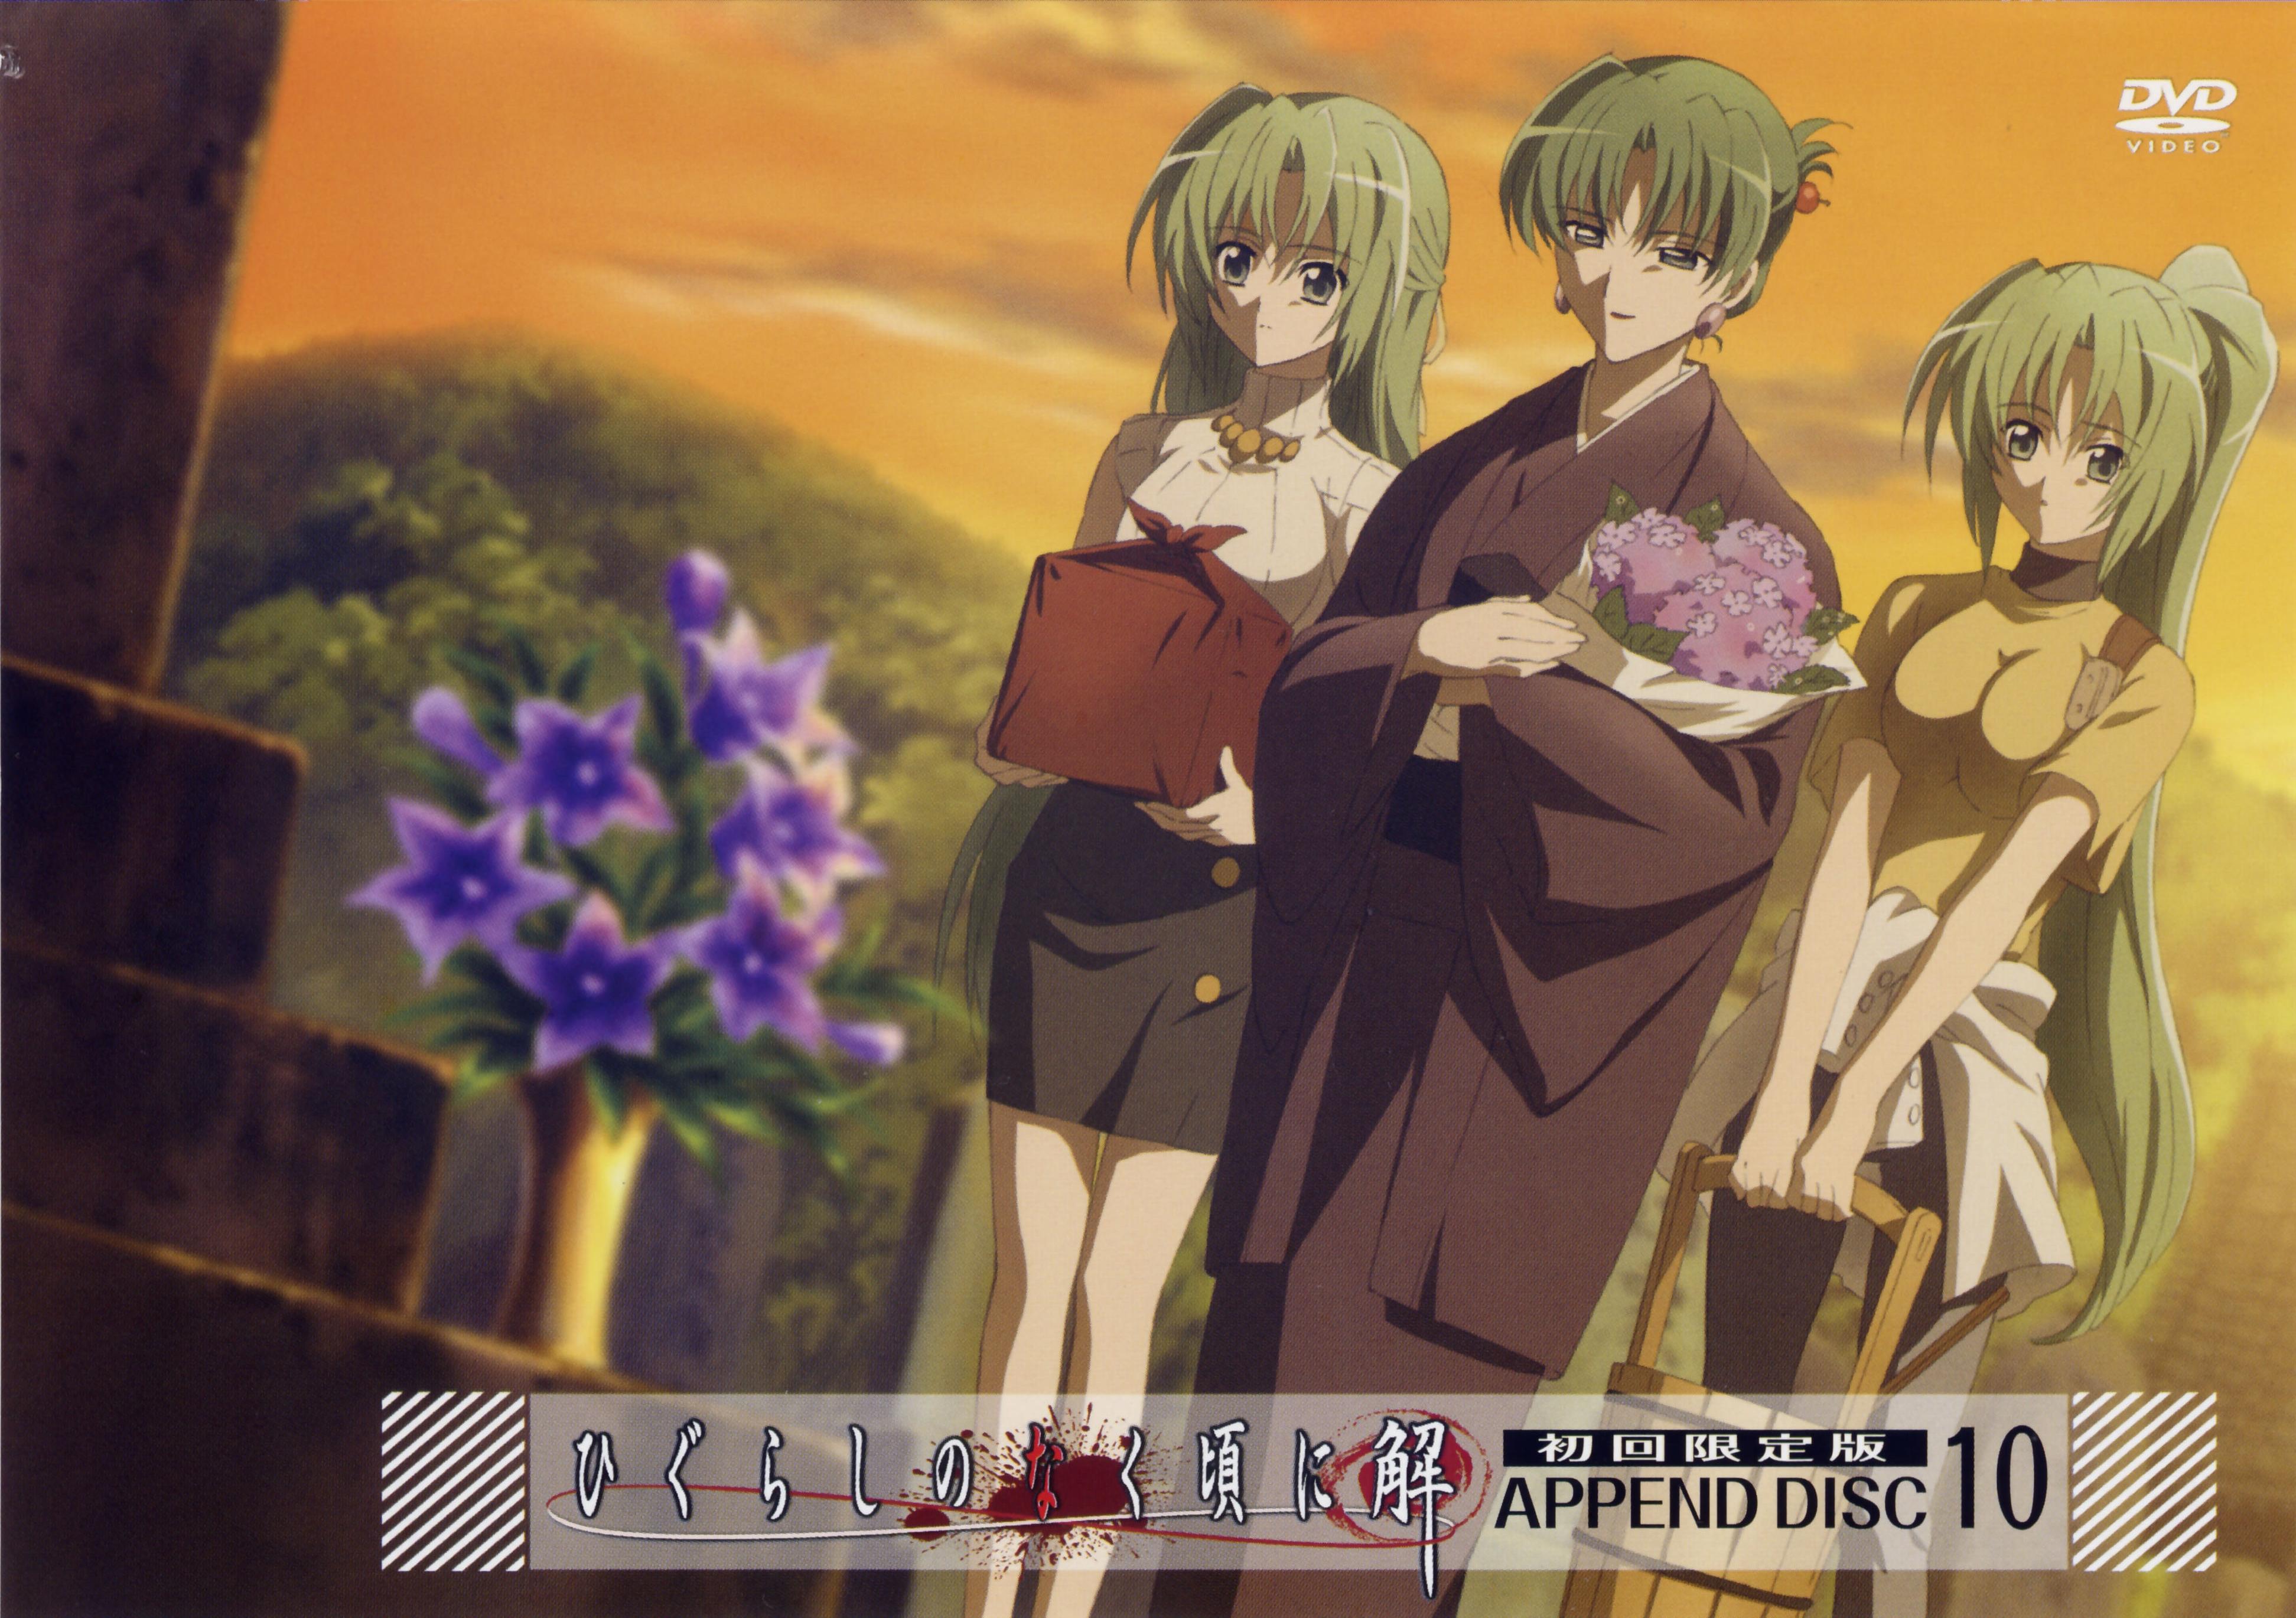 Higurashi No Naku Koro Ni When They Cry Image 147401 Zerochan Anime Image Board